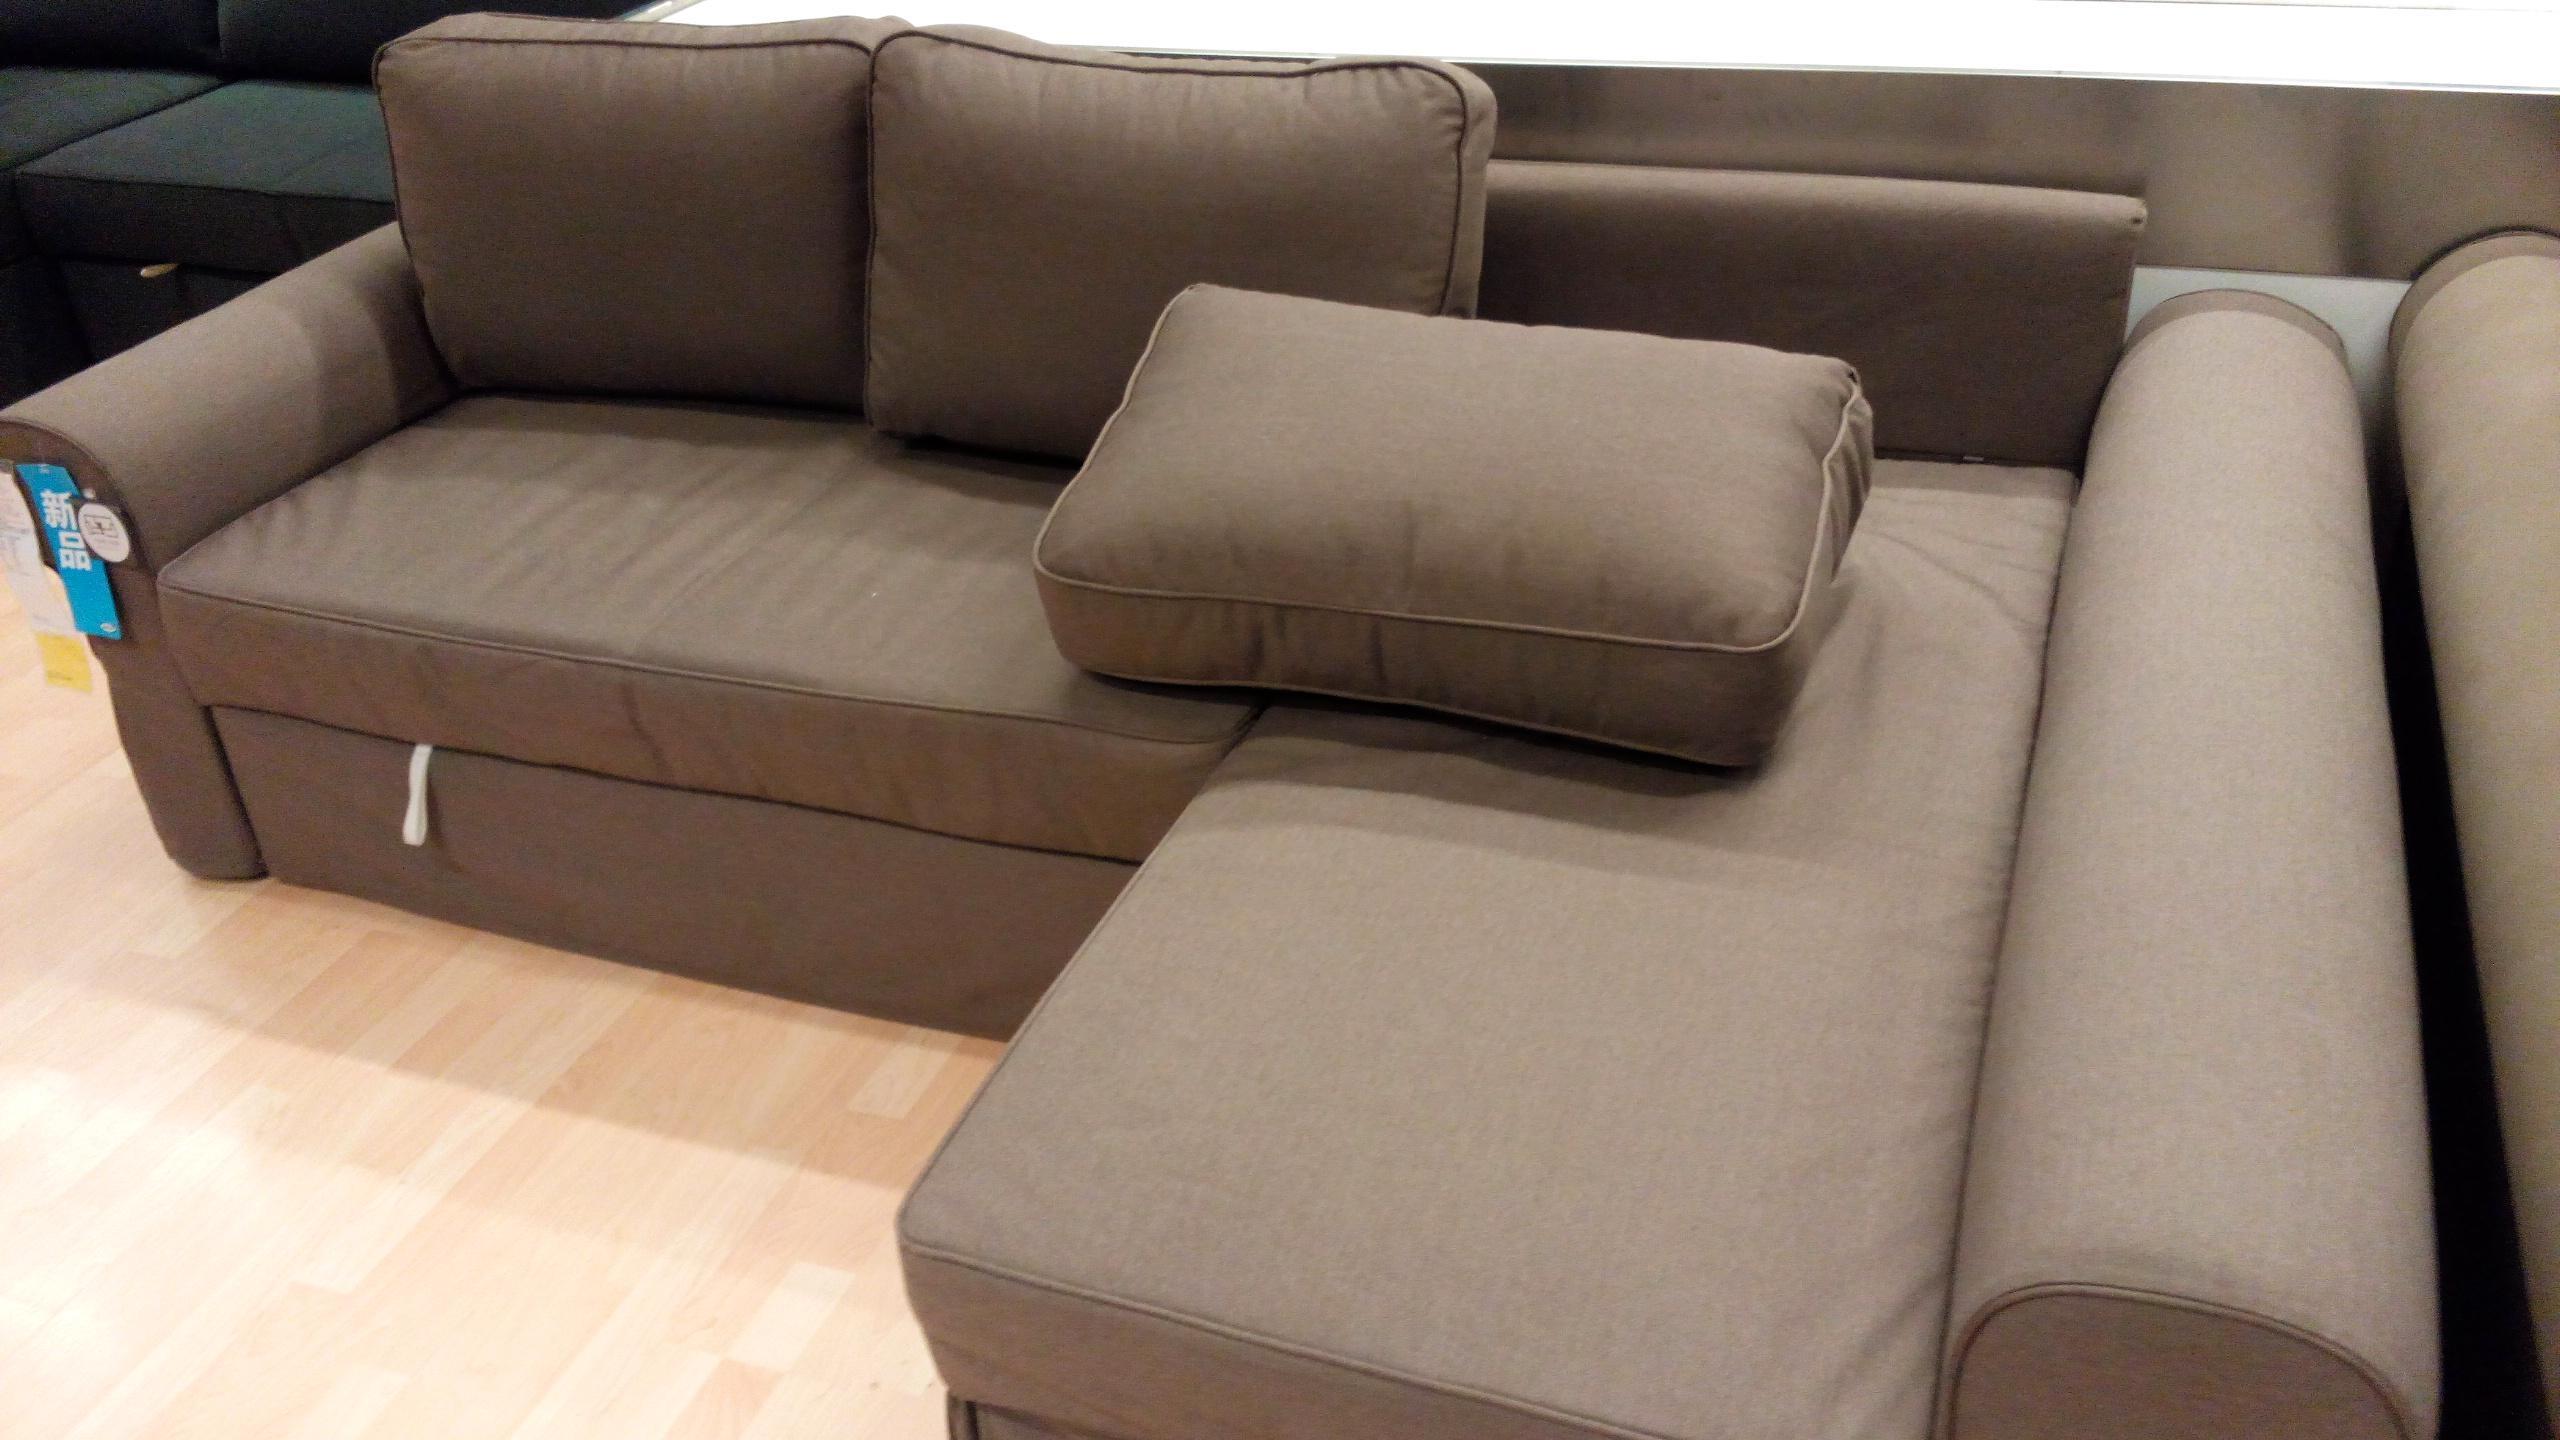 Furniture: Grey Sectional Ikea | Friheten Sofa Bed Review | Ikea Intended For Ikea Sectional Sofa Bed (View 10 of 20)